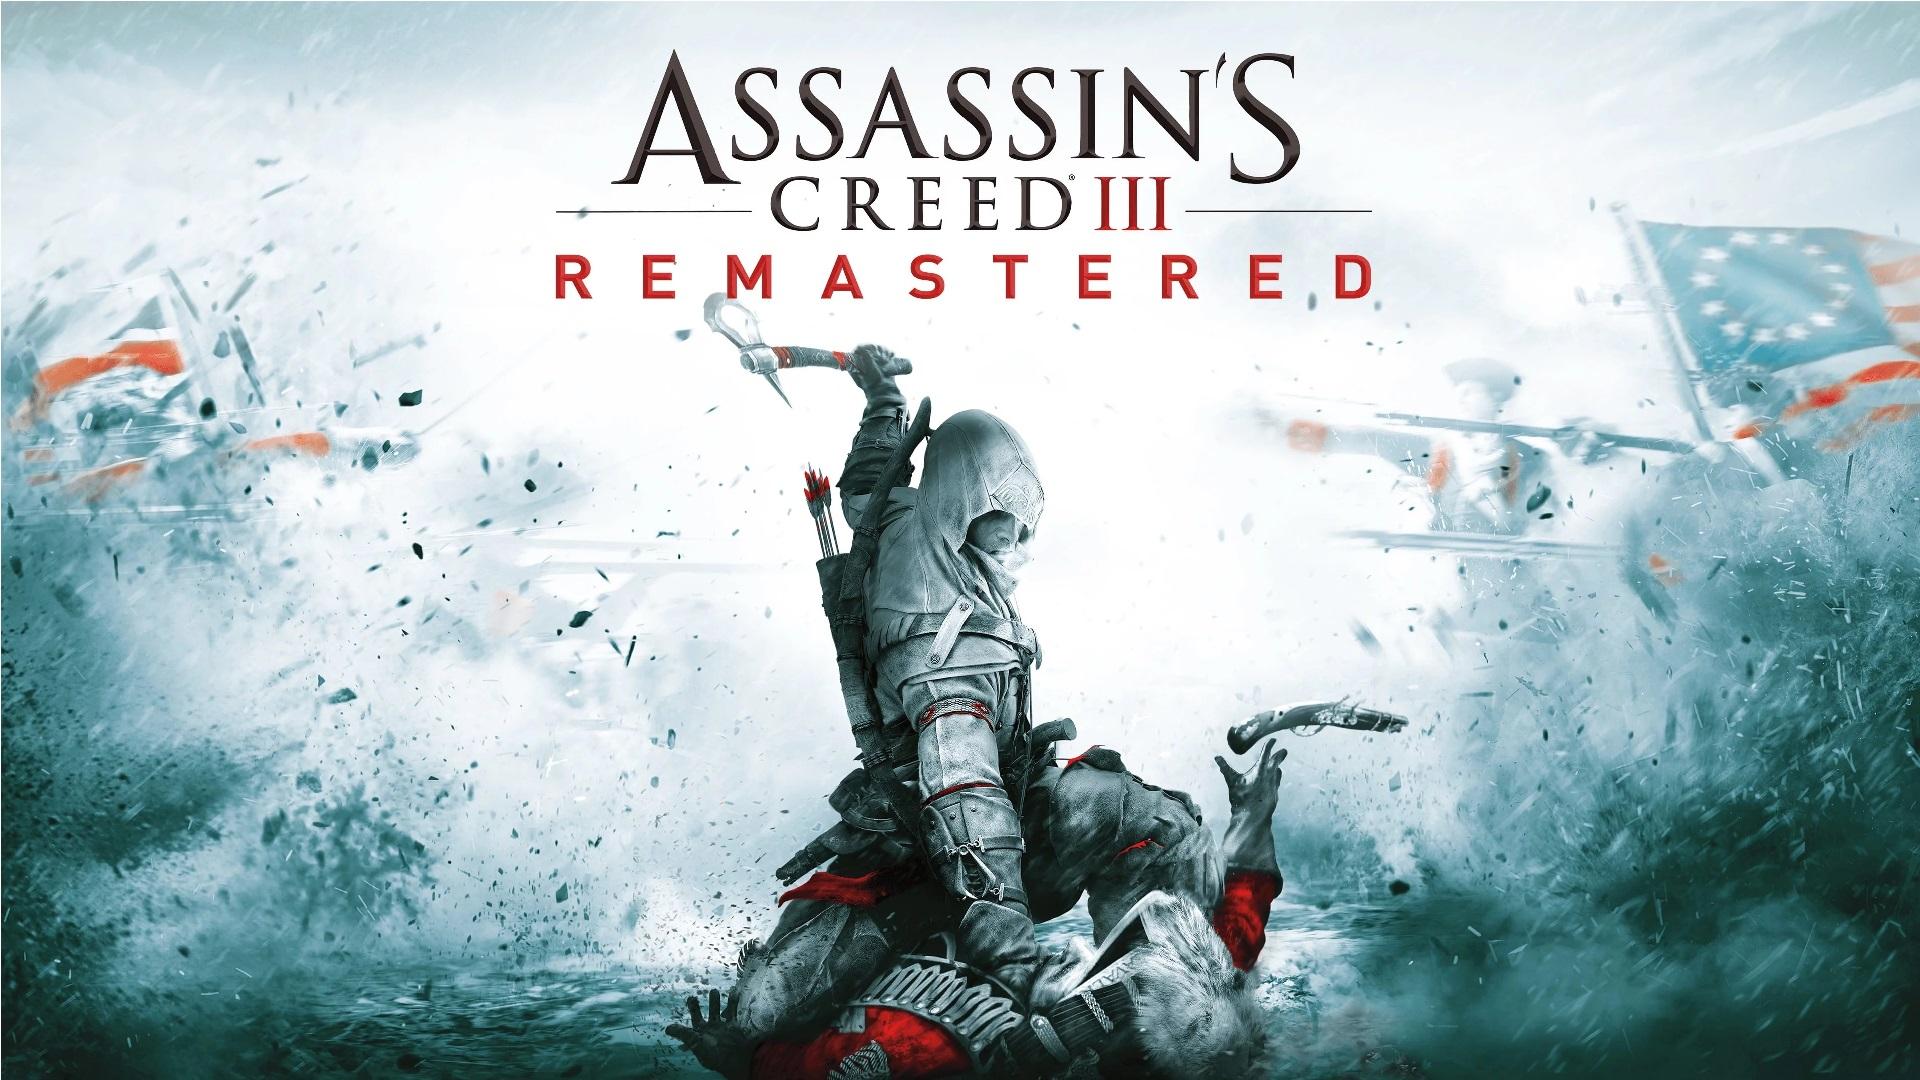 کرک بازی Assassins Creed III Remastered